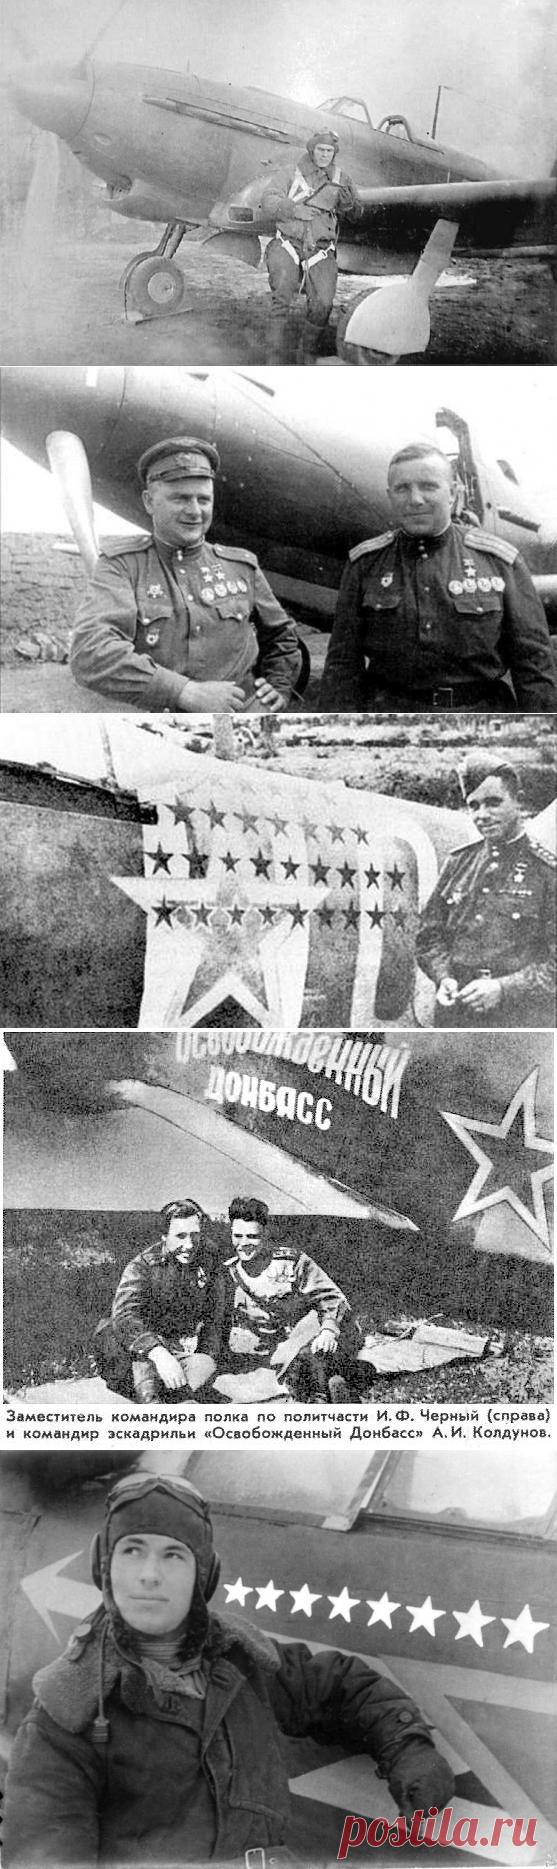 Какими они были, те «старики», что шли в бой? Первая десятка советских асов Великой Отечественной войны | Биографии